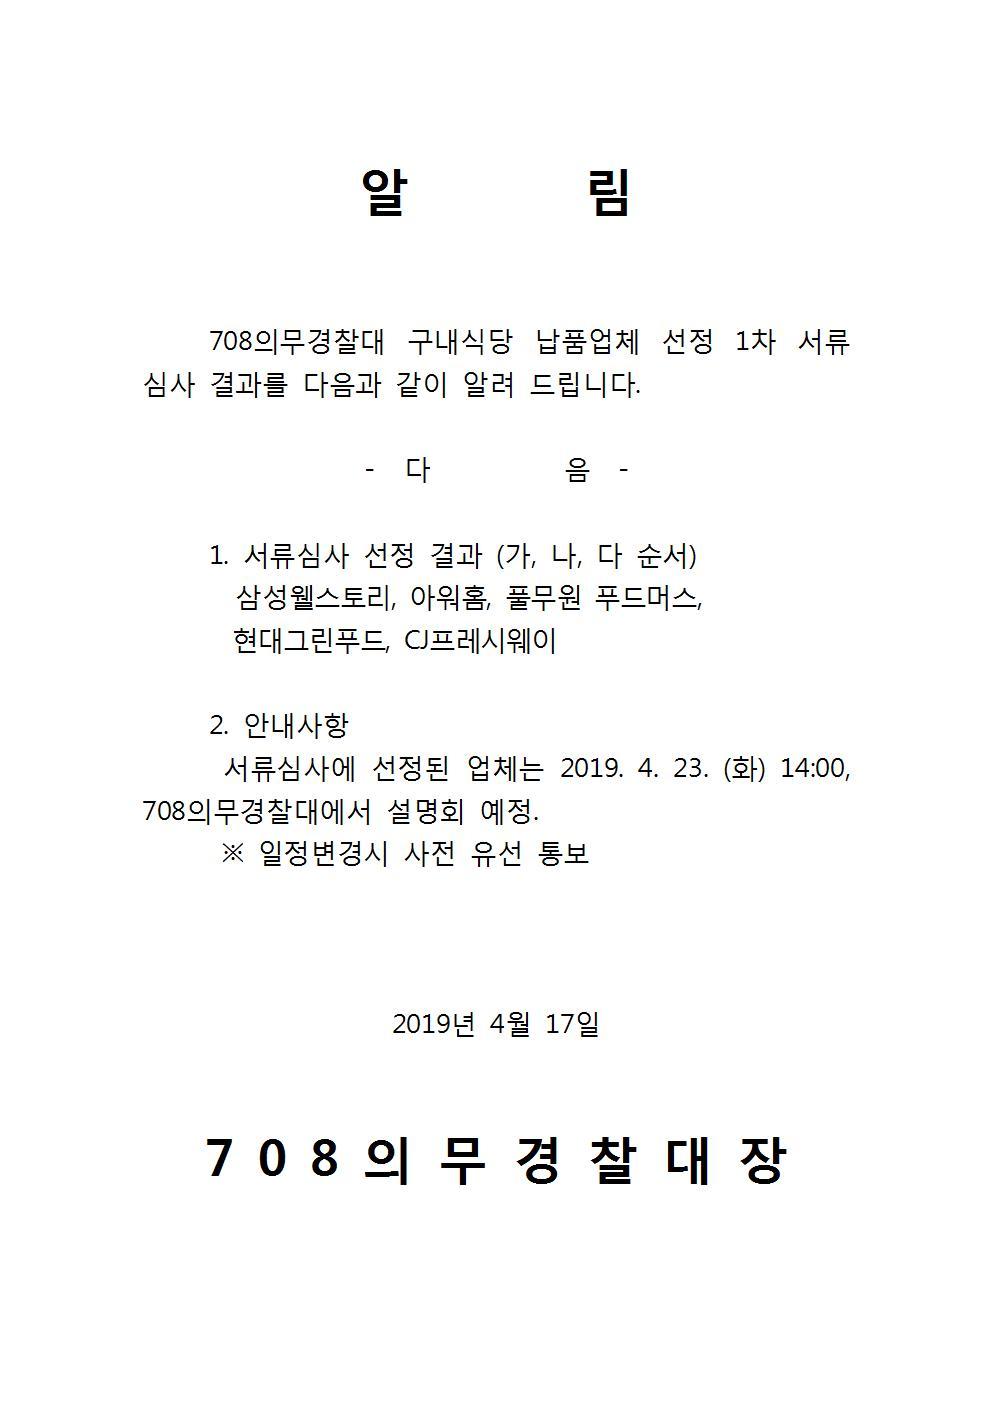 708의경대_구내식당_납품업체_1차_서류심사결과.jpg